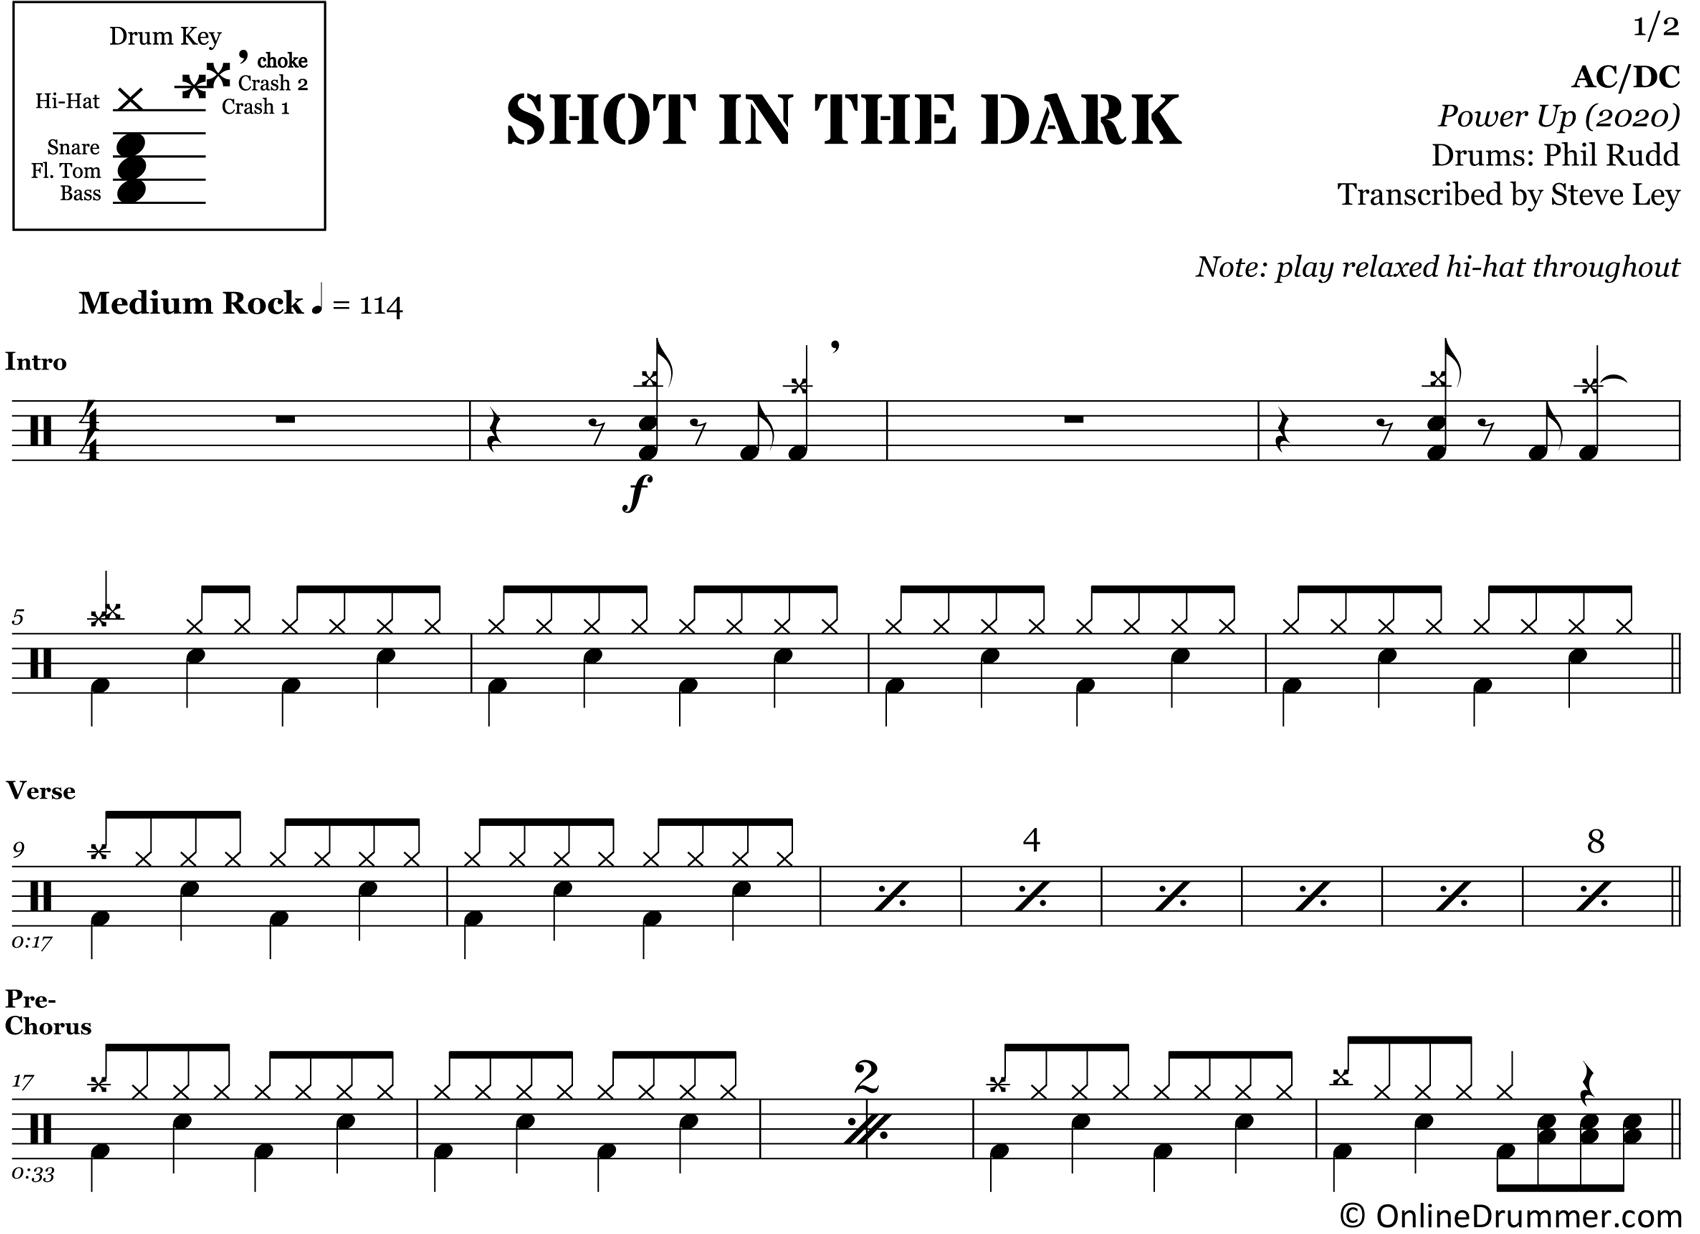 Shot in the Dark - ACDC - Drum Sheet Music